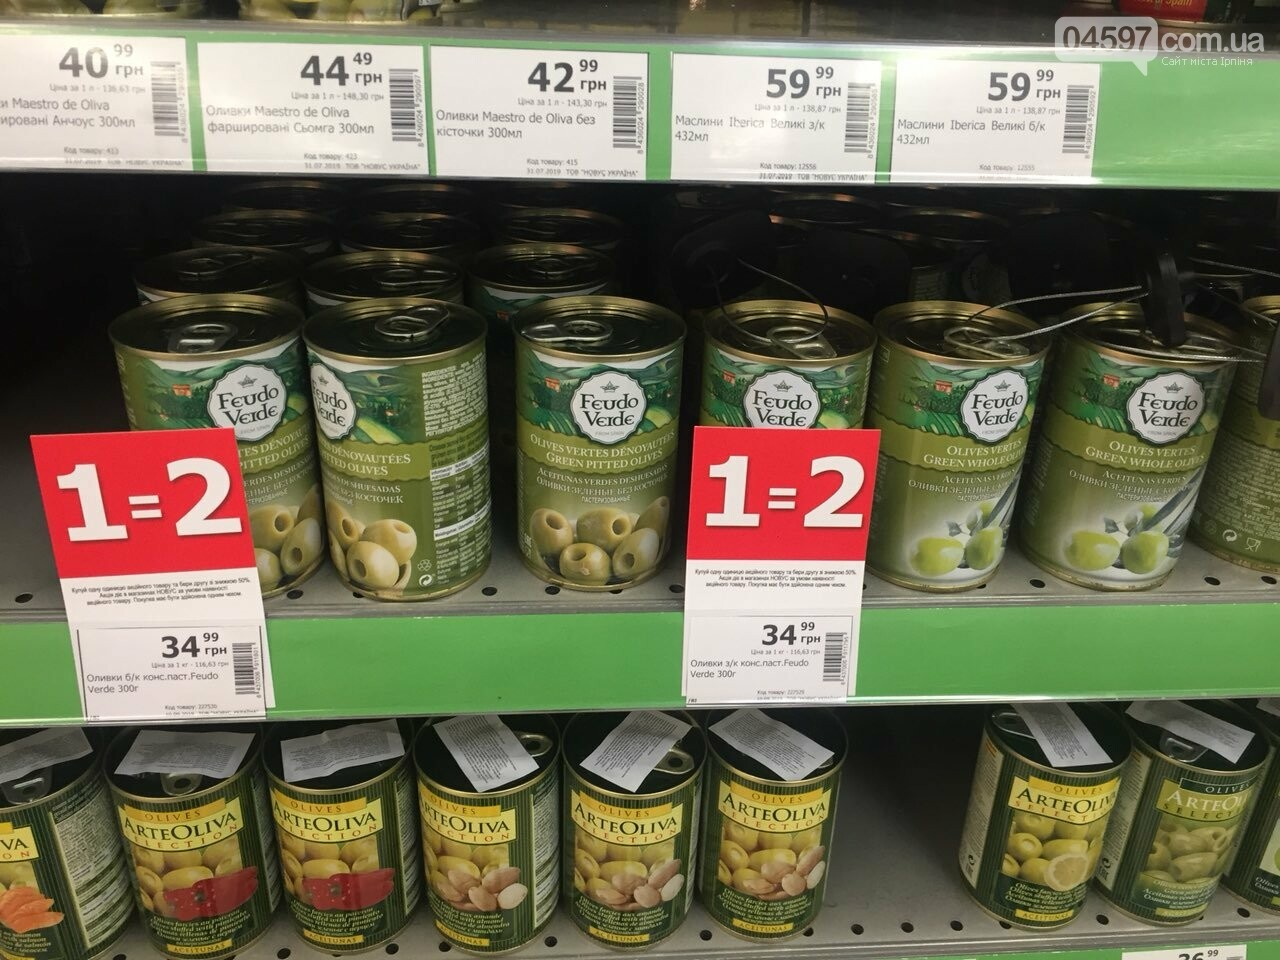 Мережі Novus - 10 років: у супермаркеті море знижок, фото-8